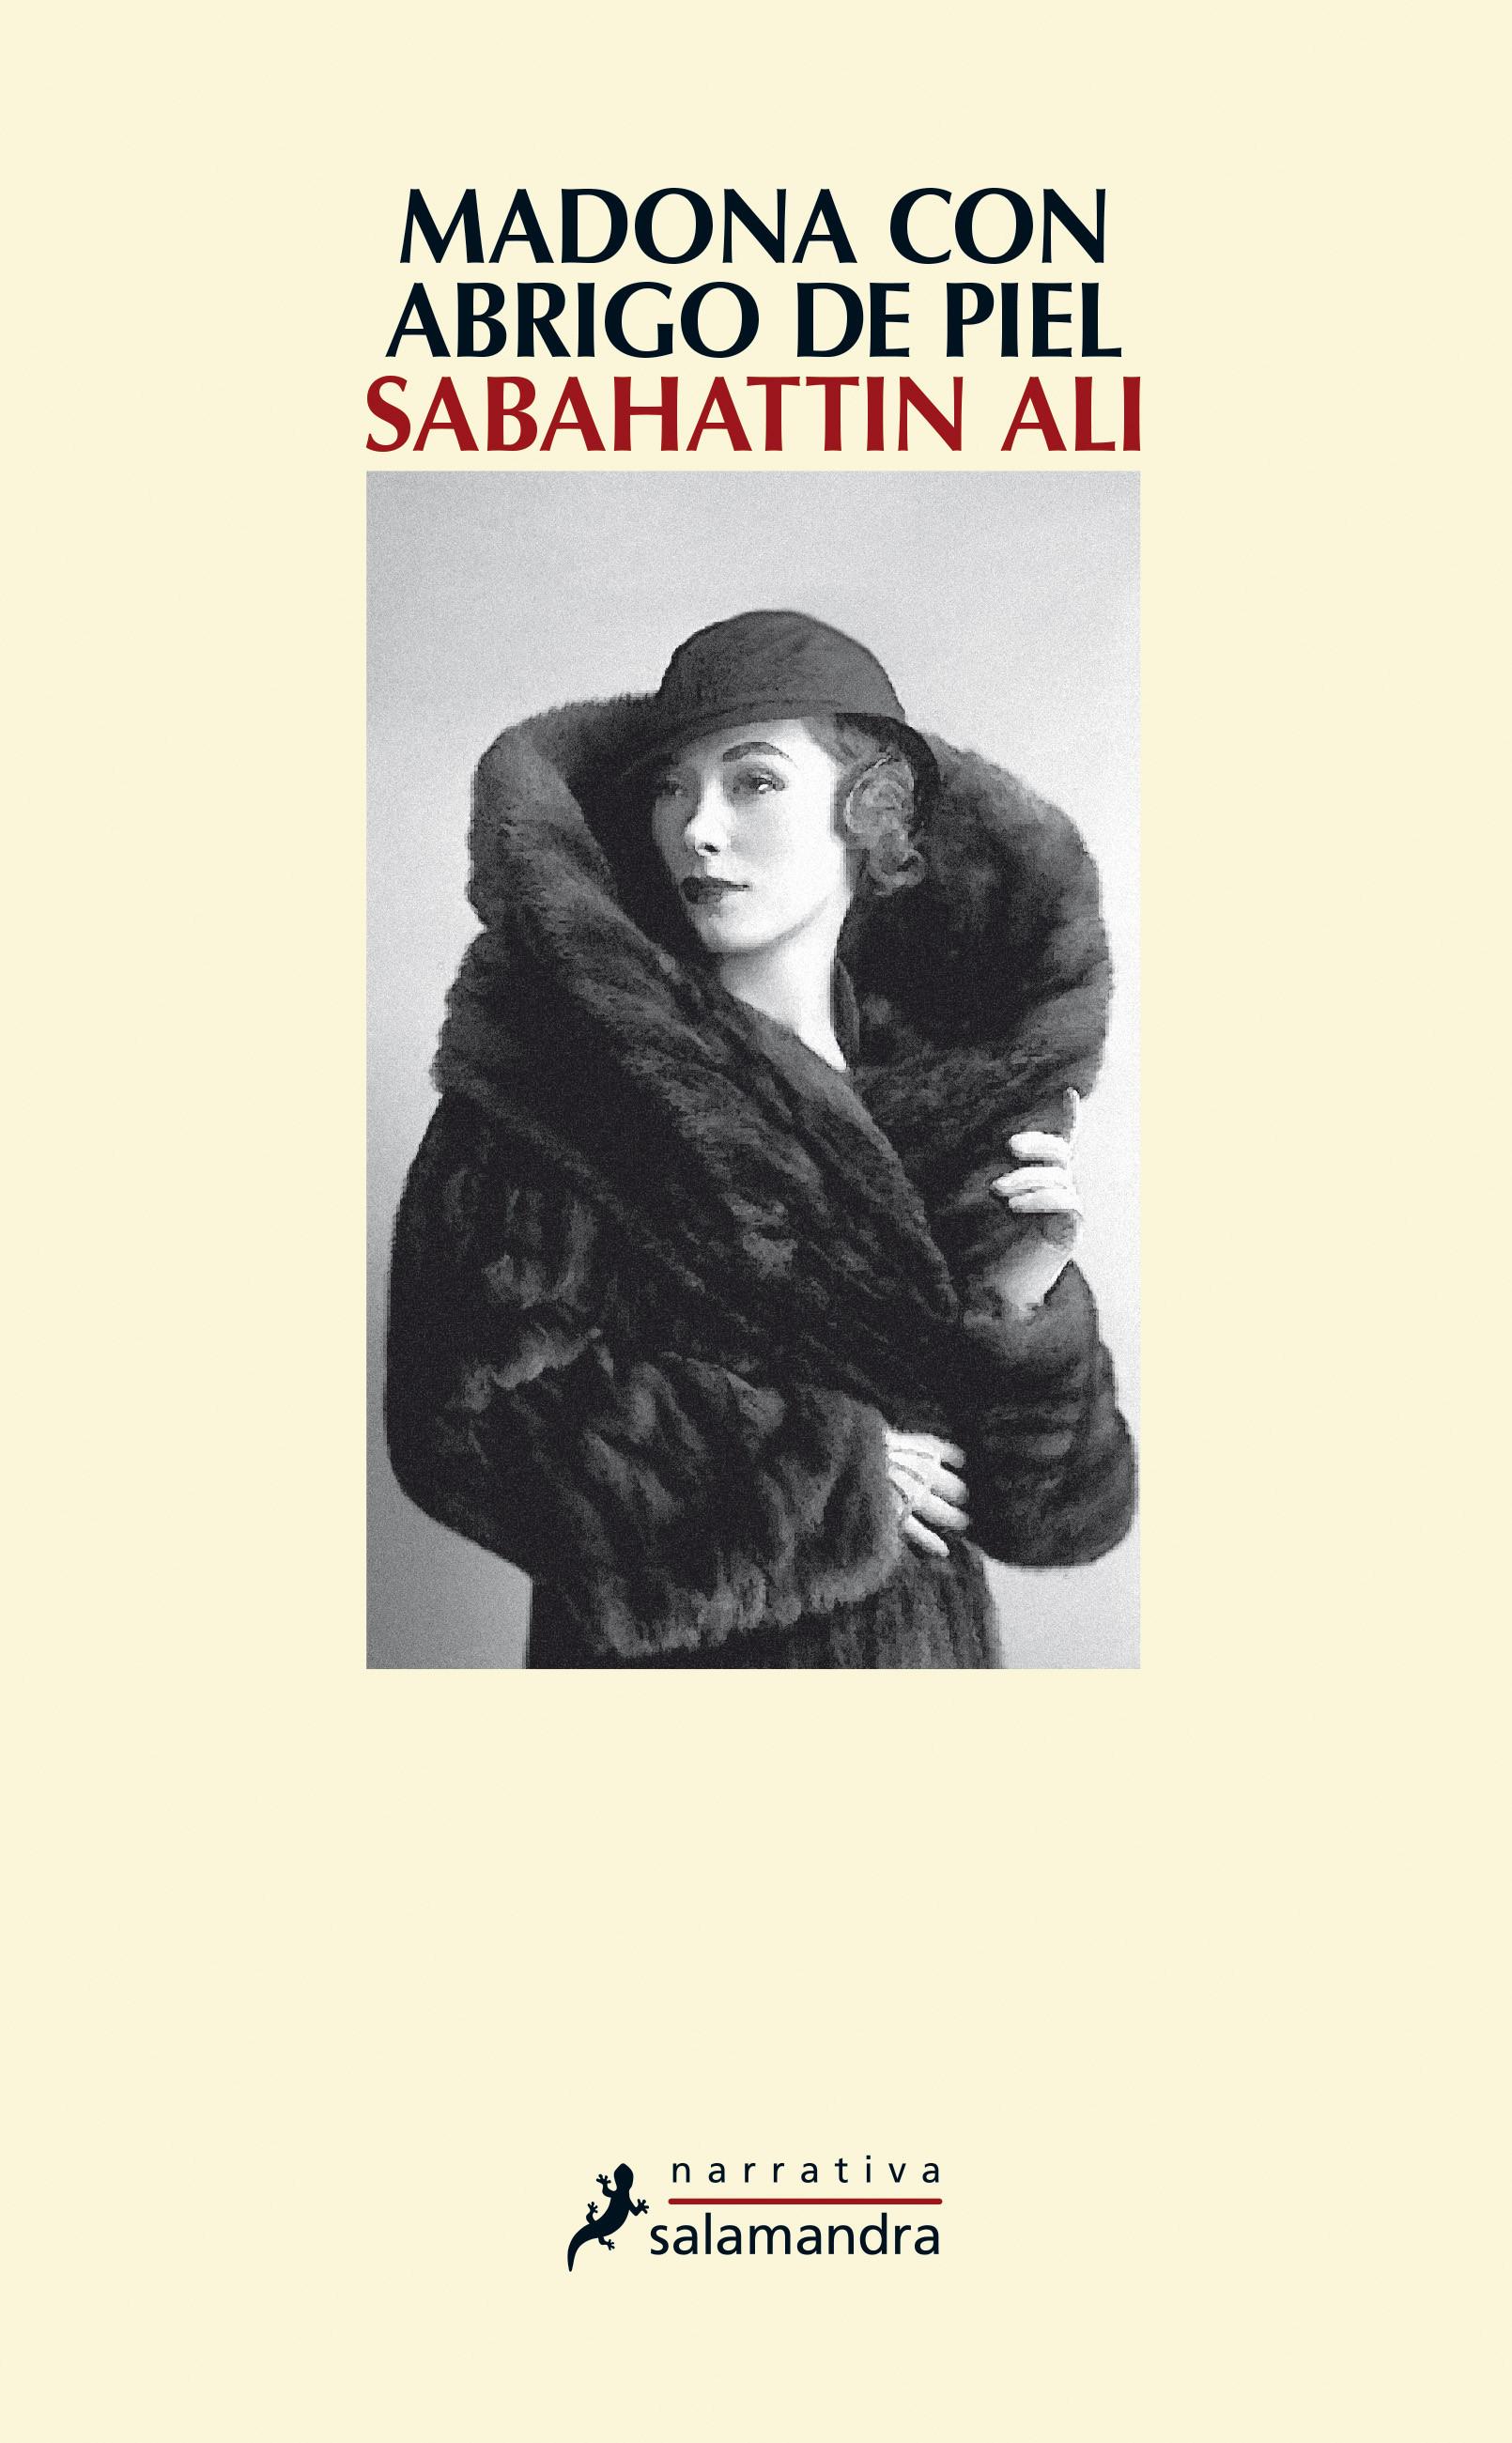 Madona con abrigo de piel